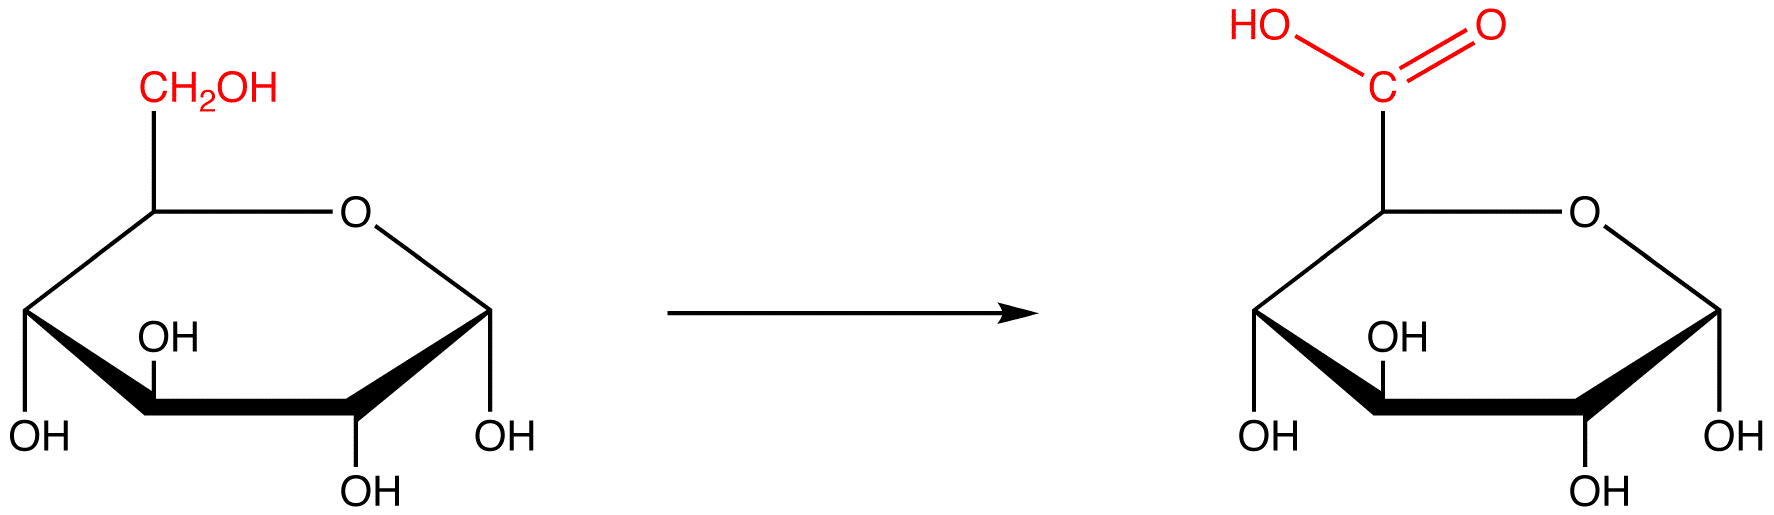 Unsaturated Fatty Acid Molecule Uronic Acid   OChemPal